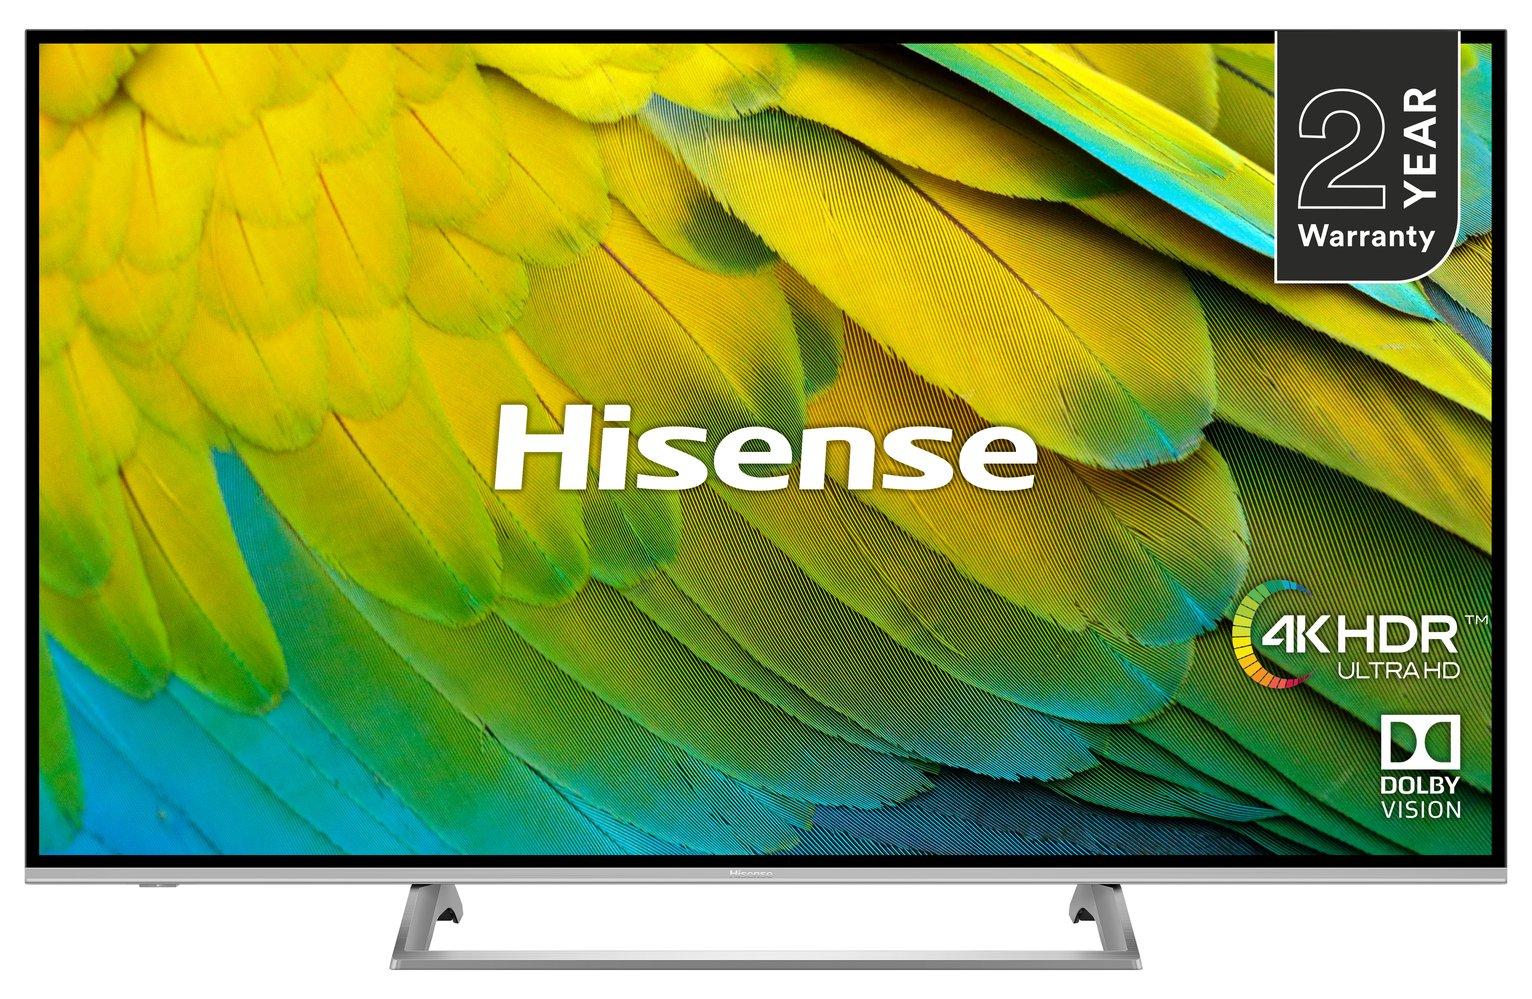 Hisense 55 Inch H55B7500UK Smart 4K HDR LED TV